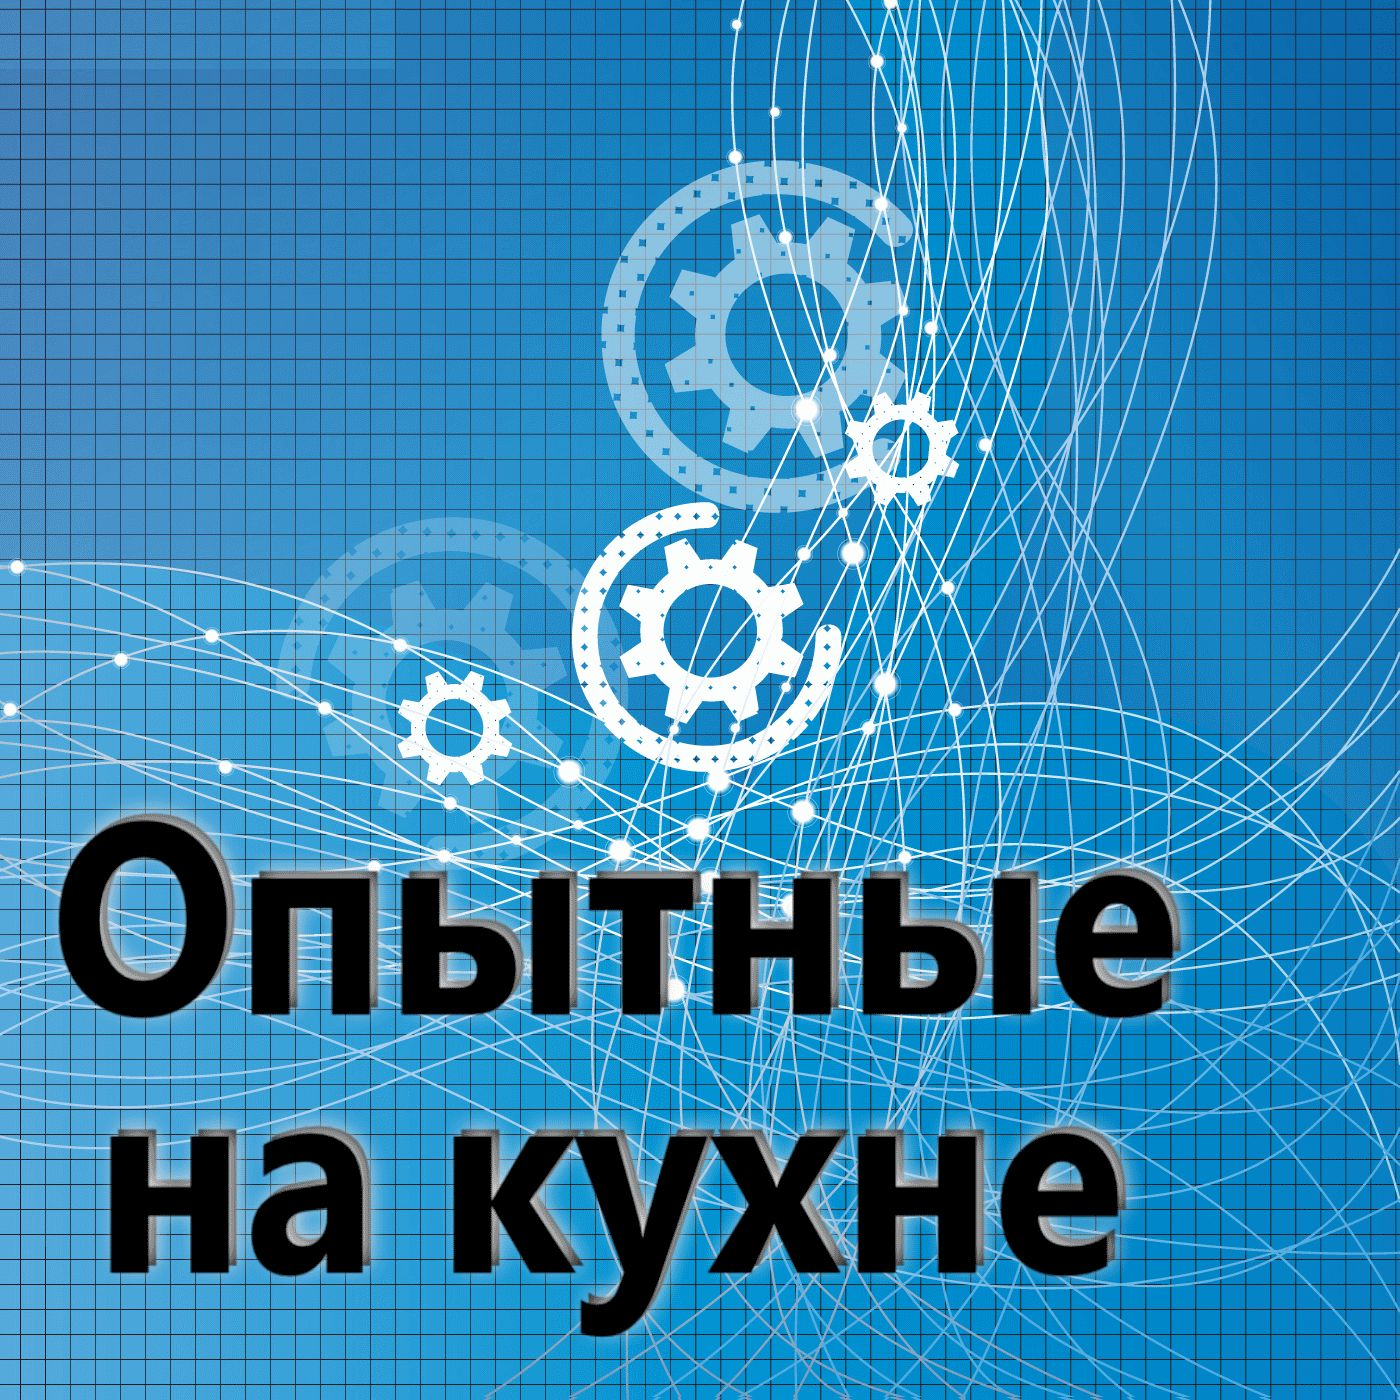 Евгений Плешивцев Опытные на кухне №069 евгений клец время тьмы источник скверны